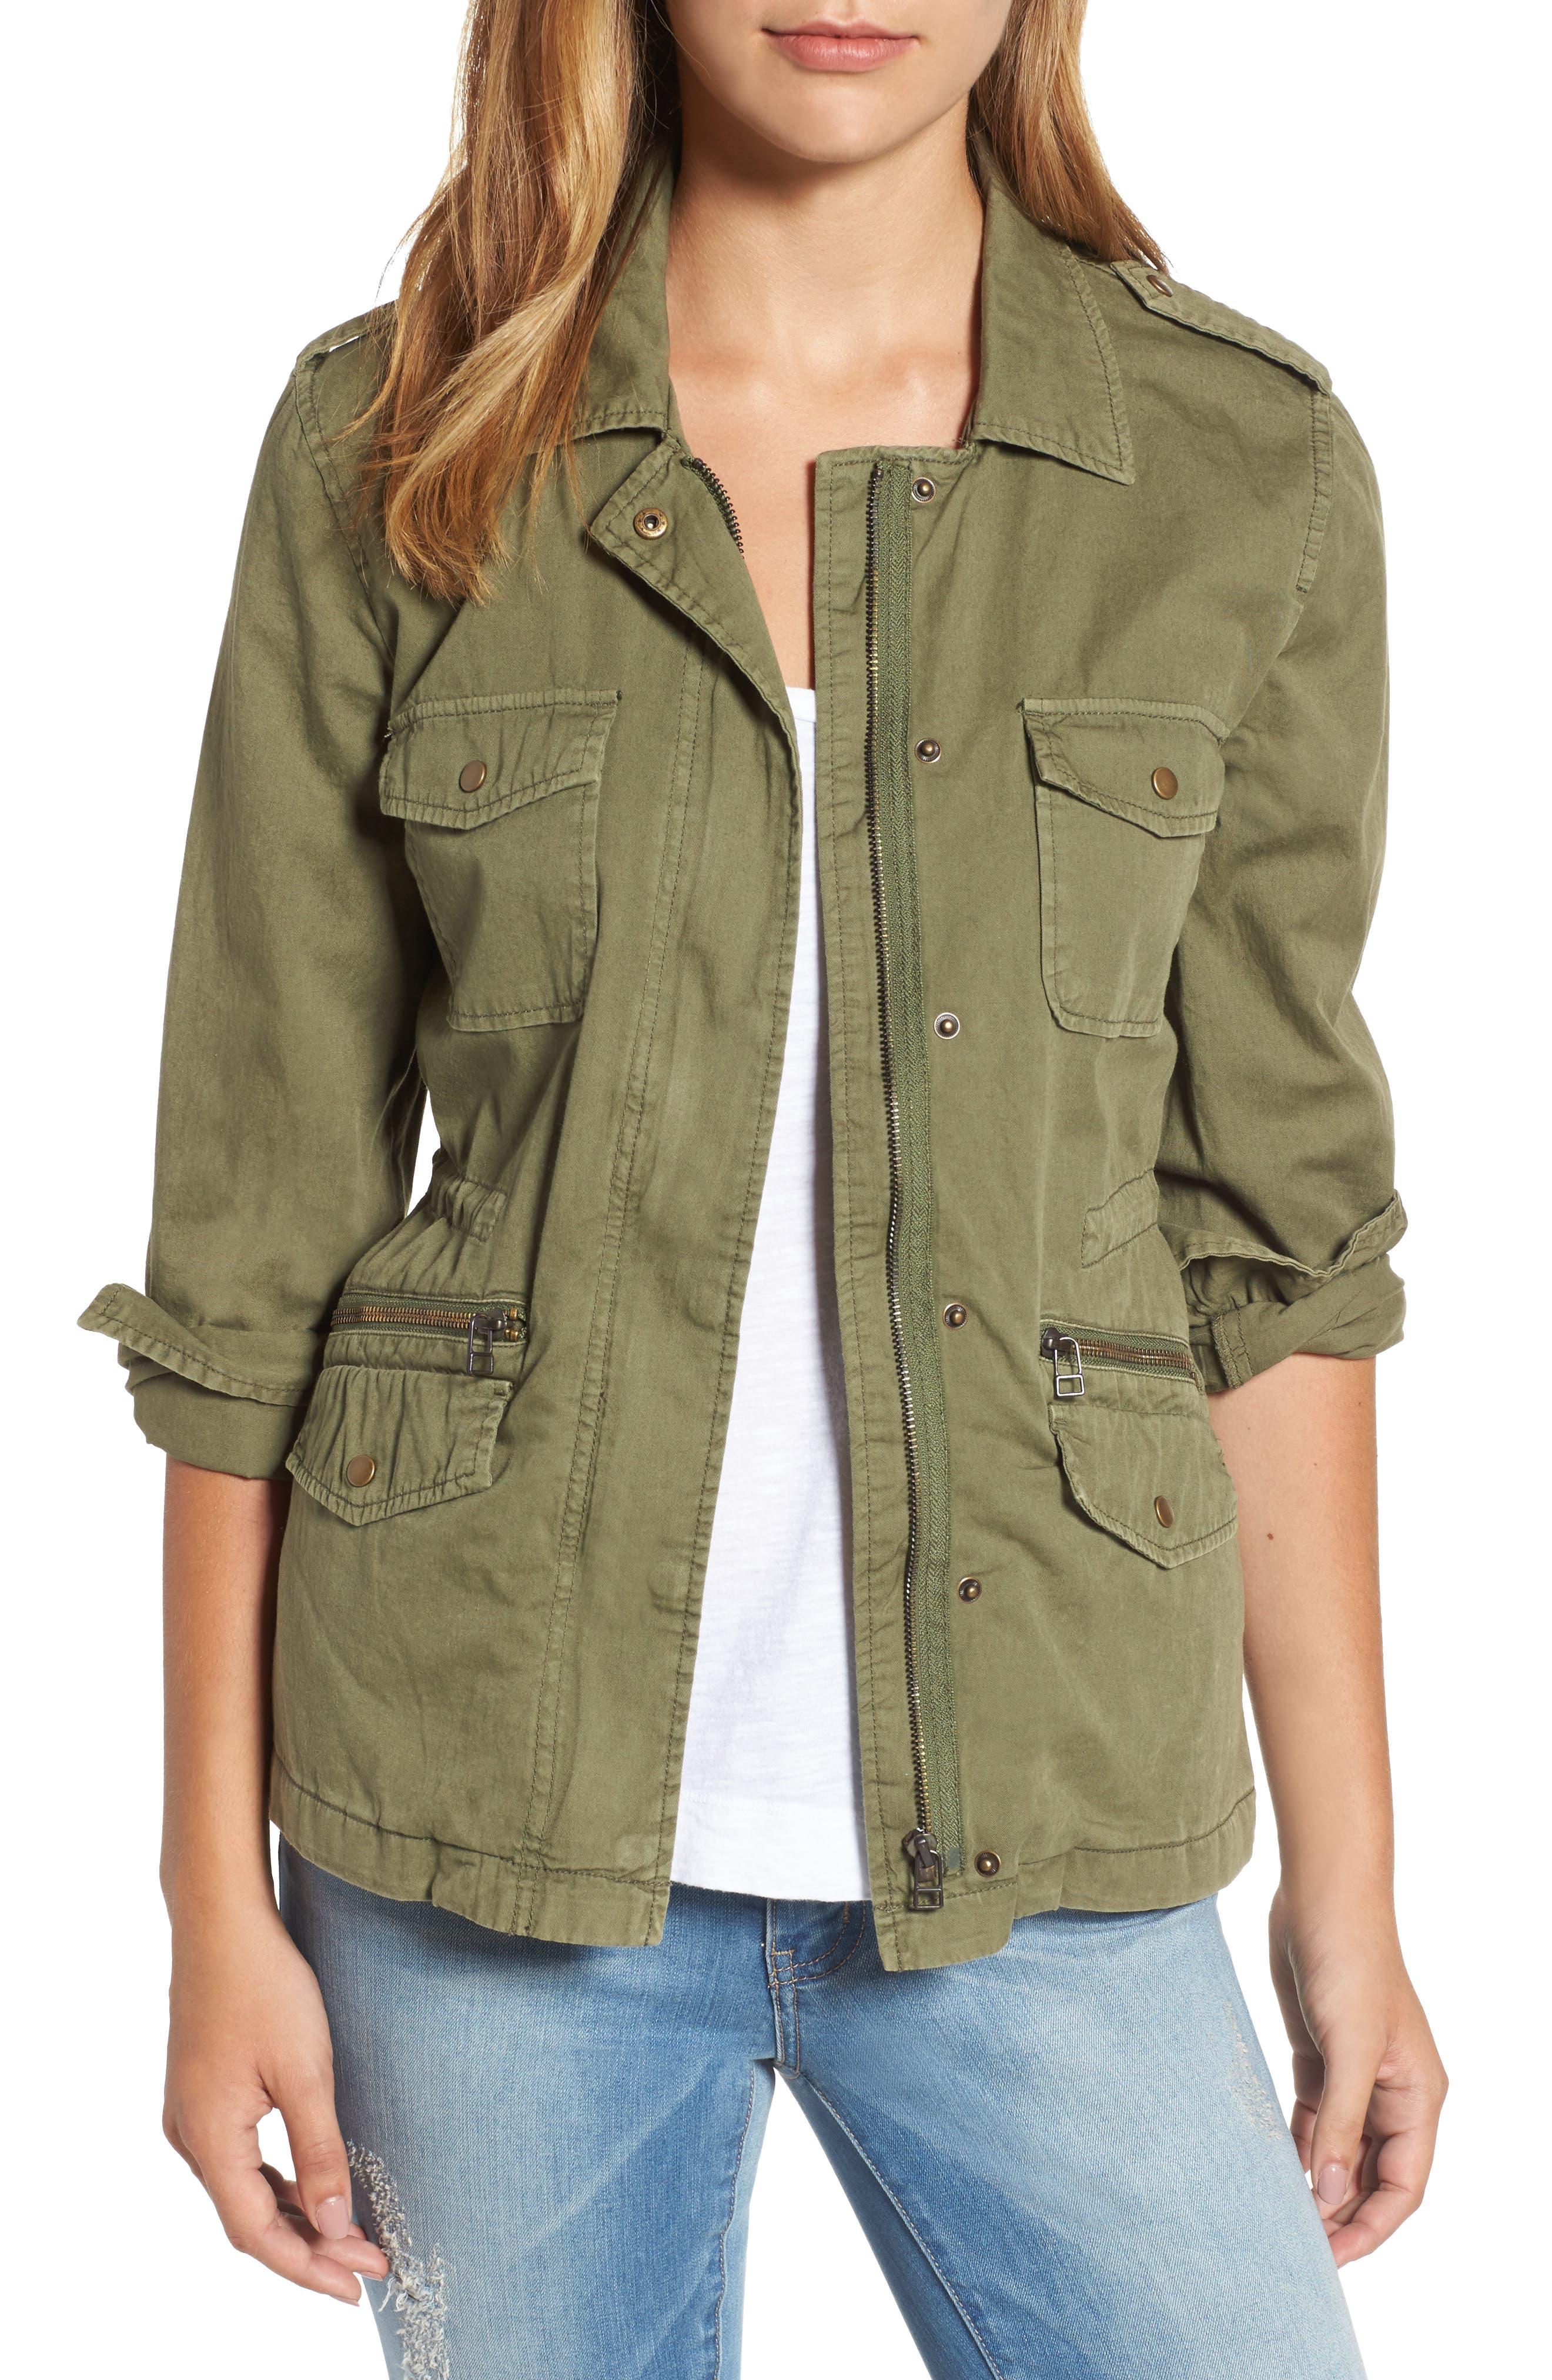 Lily Aldridge for Velvet by Graham & Spencer Army Jacket,                             Alternate thumbnail 2, color,                             FOREST GREEN